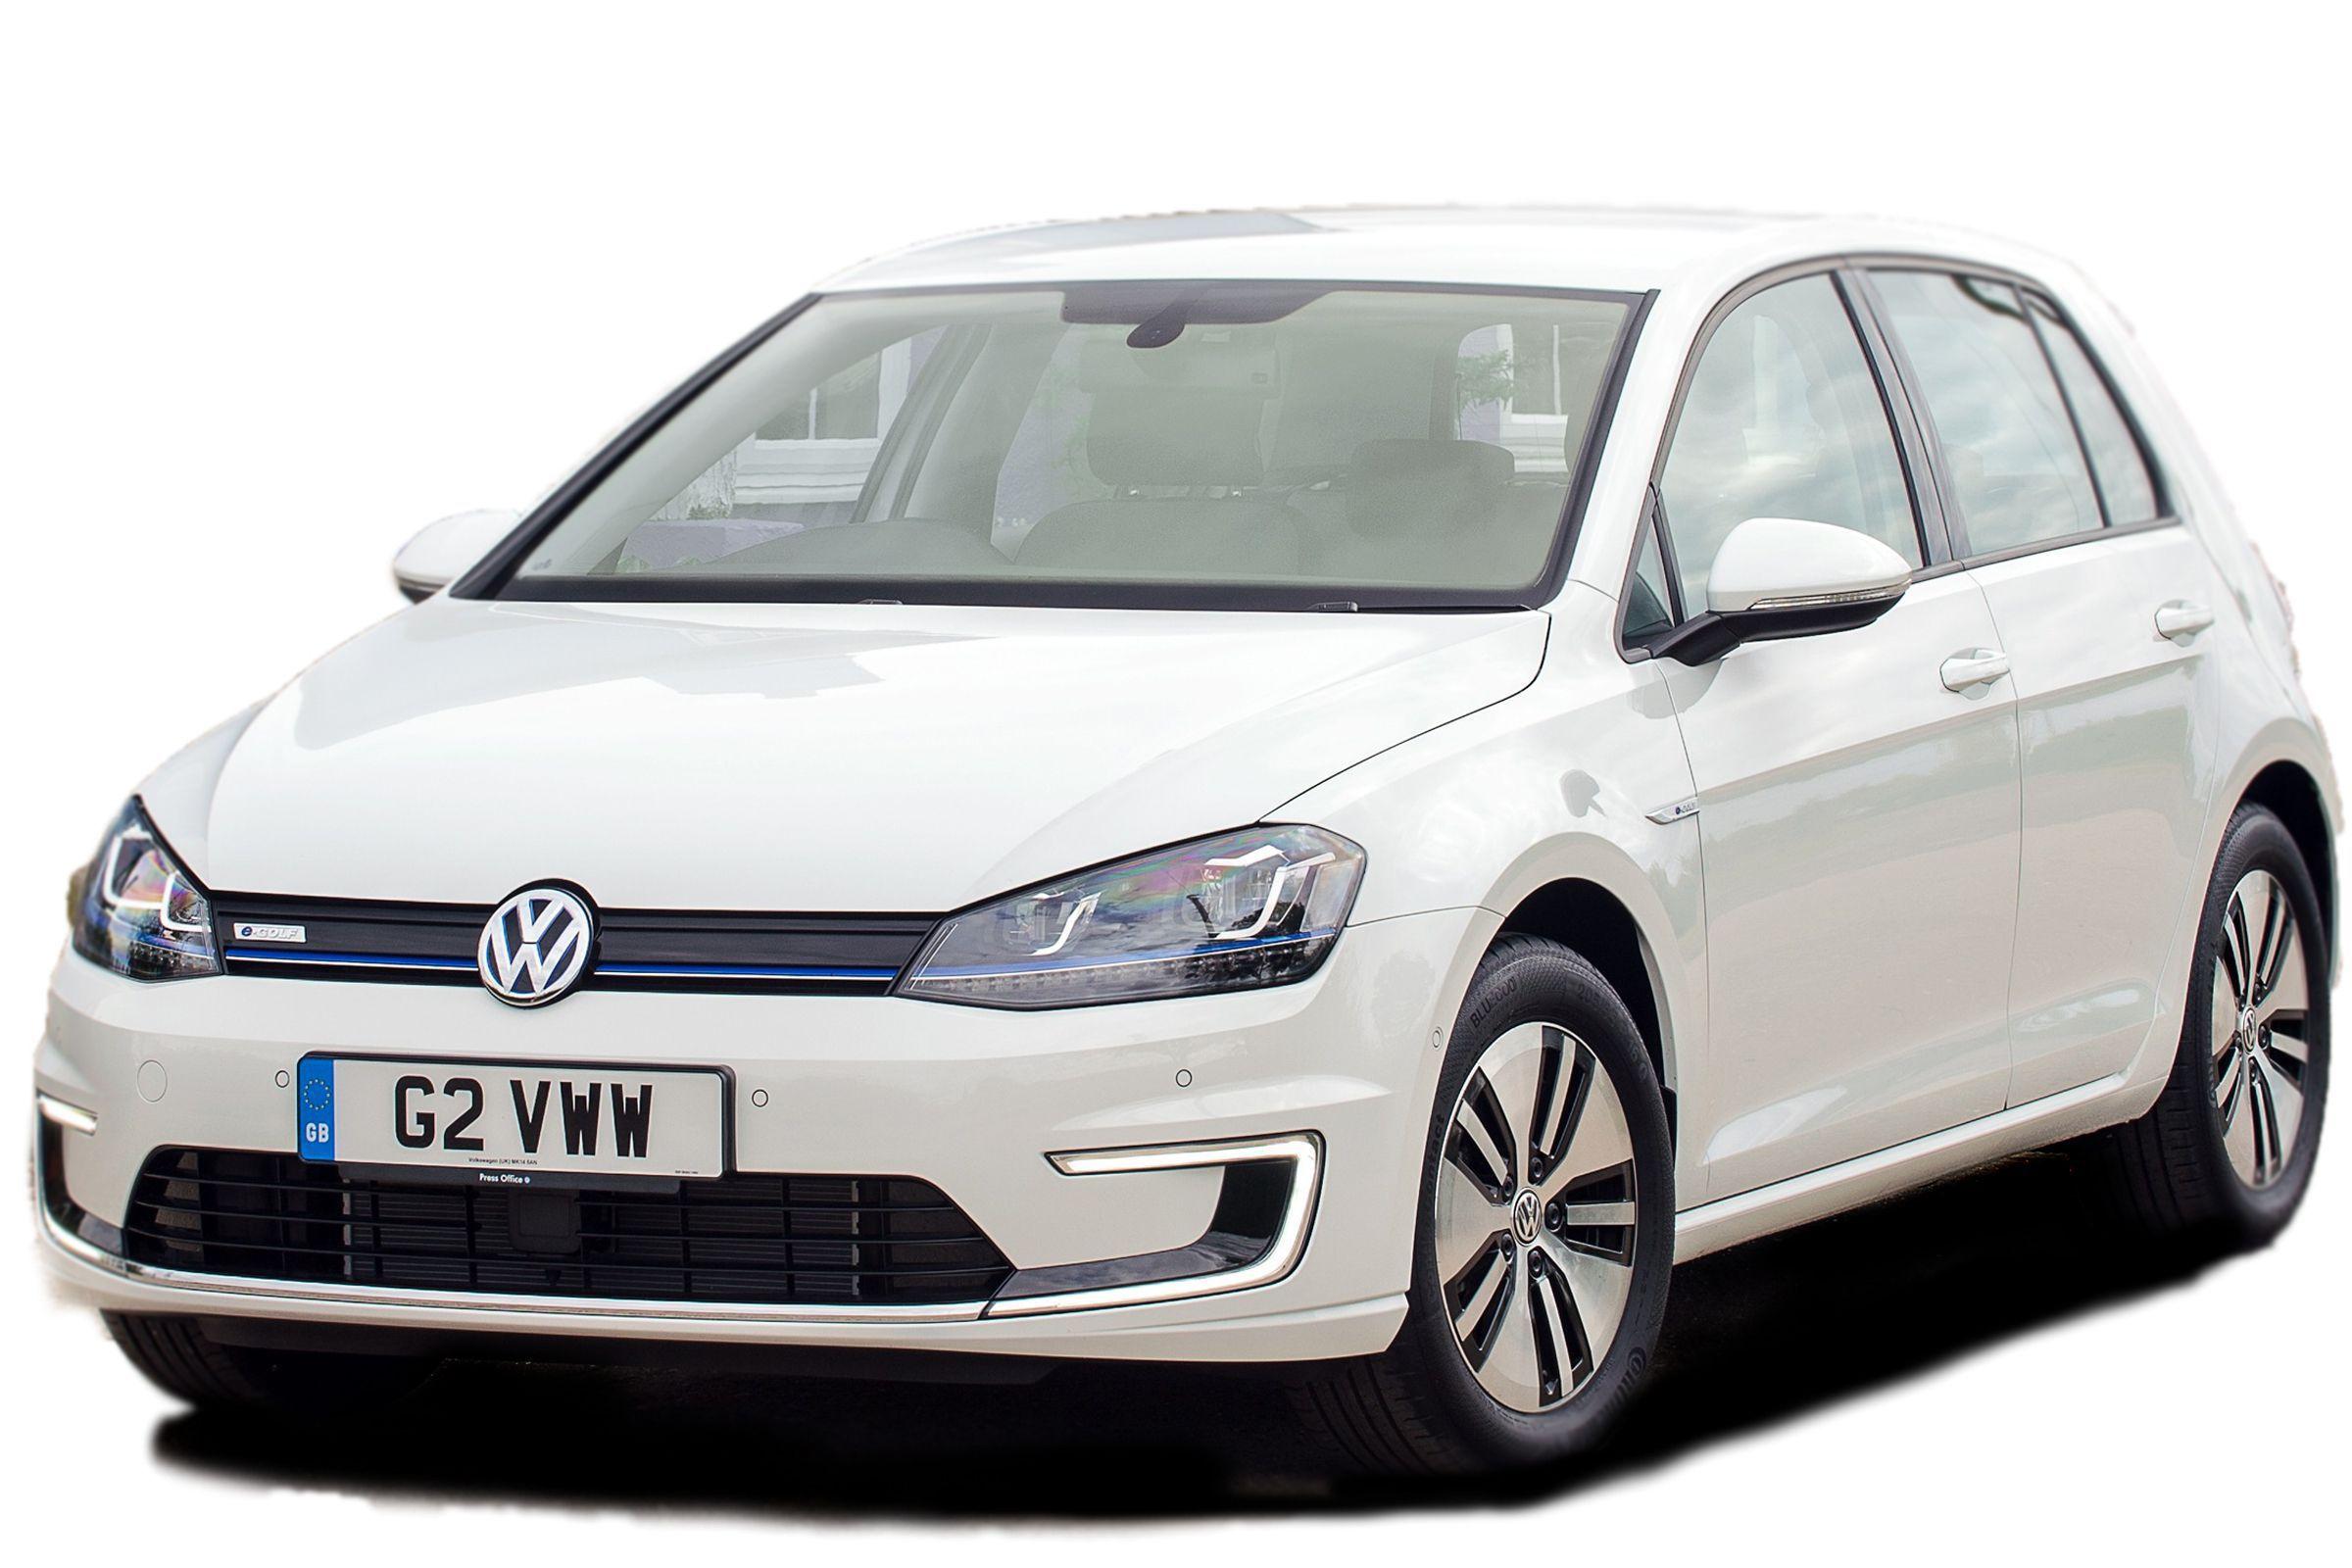 Volkswagen Golf Hd